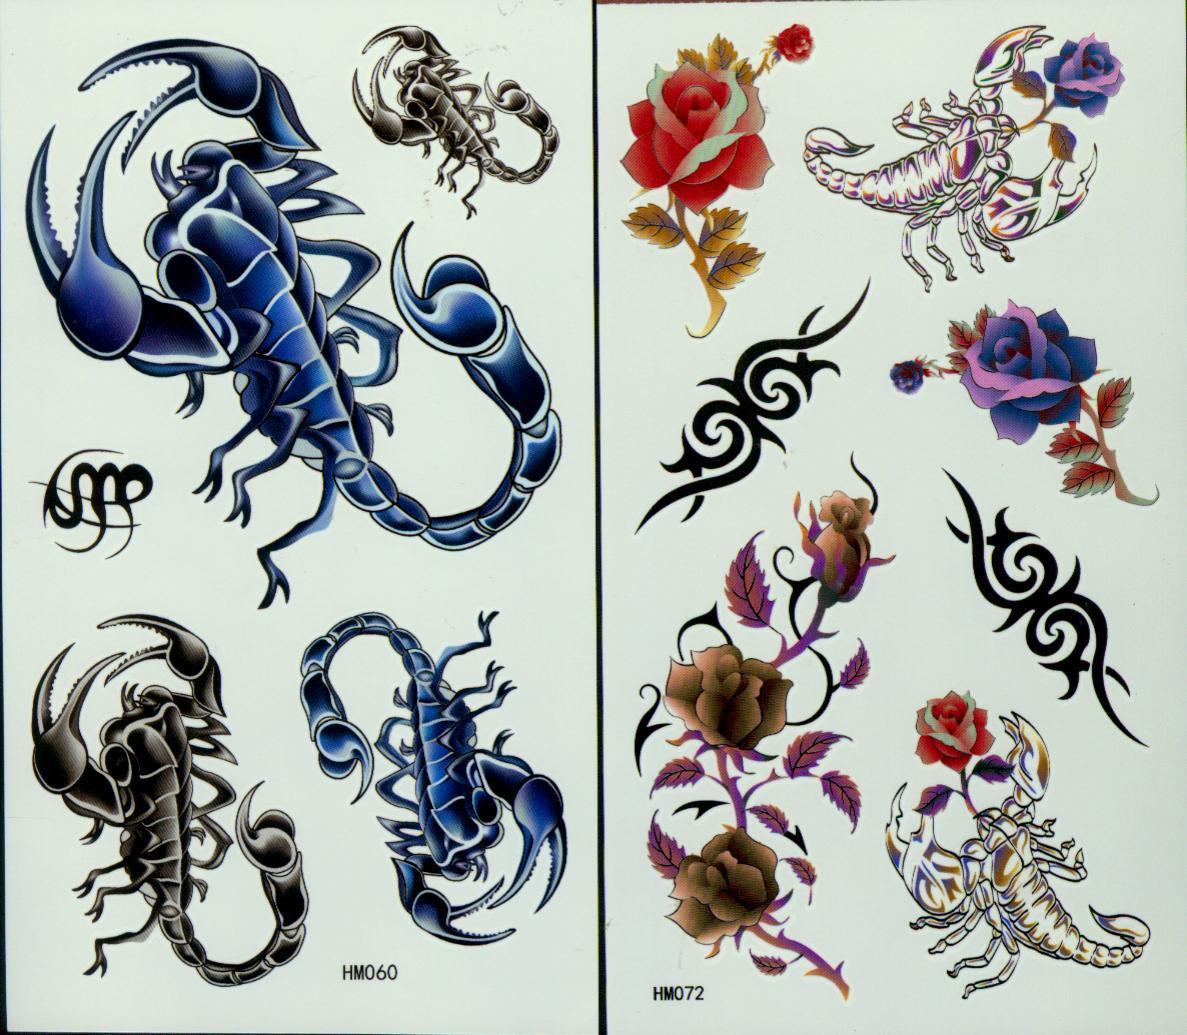 Tattoos Tattoos 50 sztuk / partia Tattoo dla Body Art Pająki Tatuaż Wodoodporna Ramię Tatuaże Naklejki